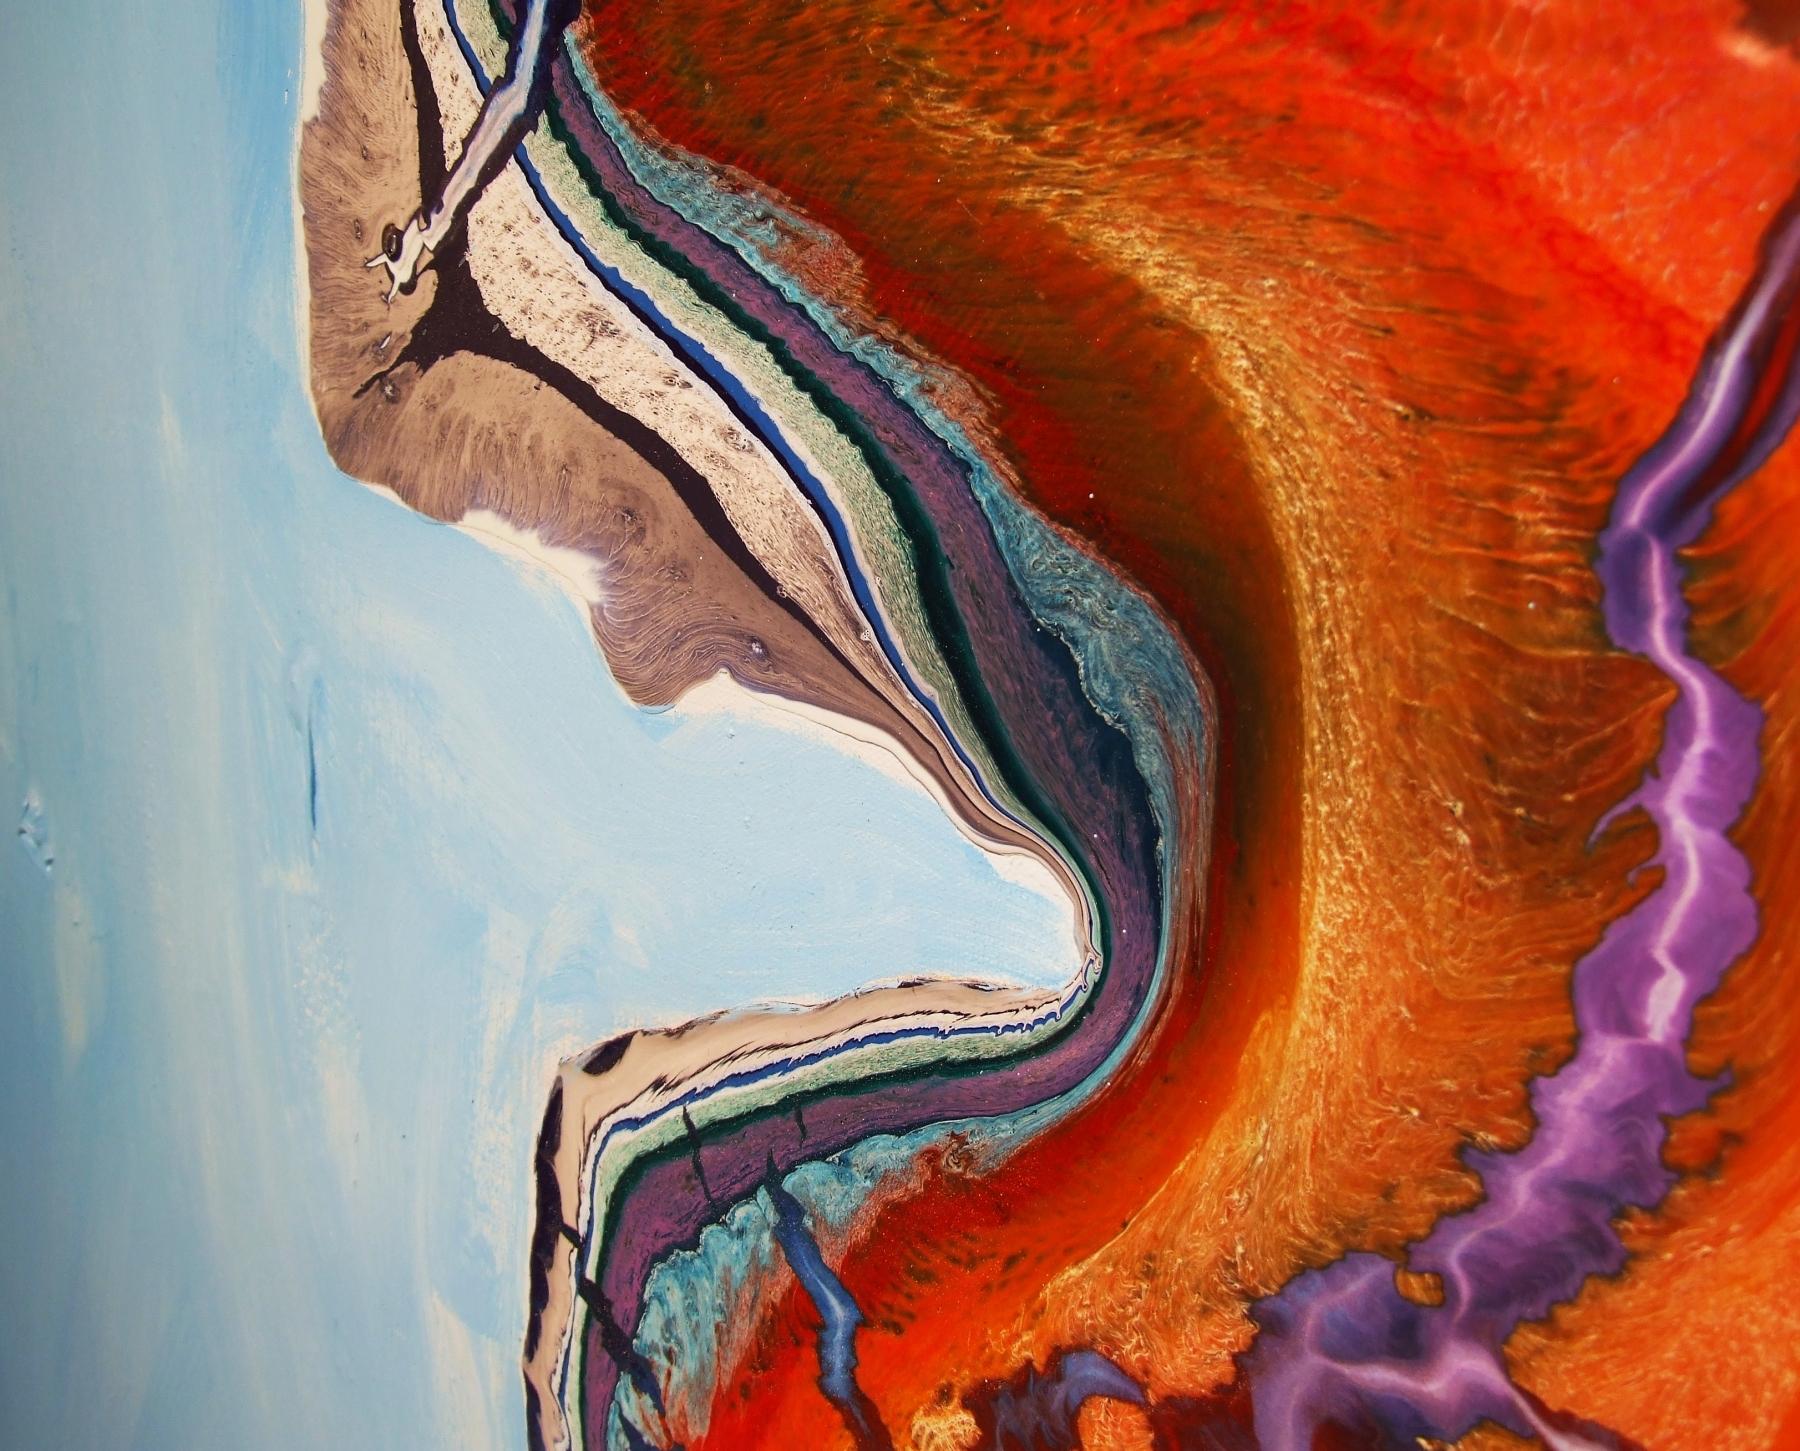 Pablo_Saborio_Painting_Detail_2016.jpg